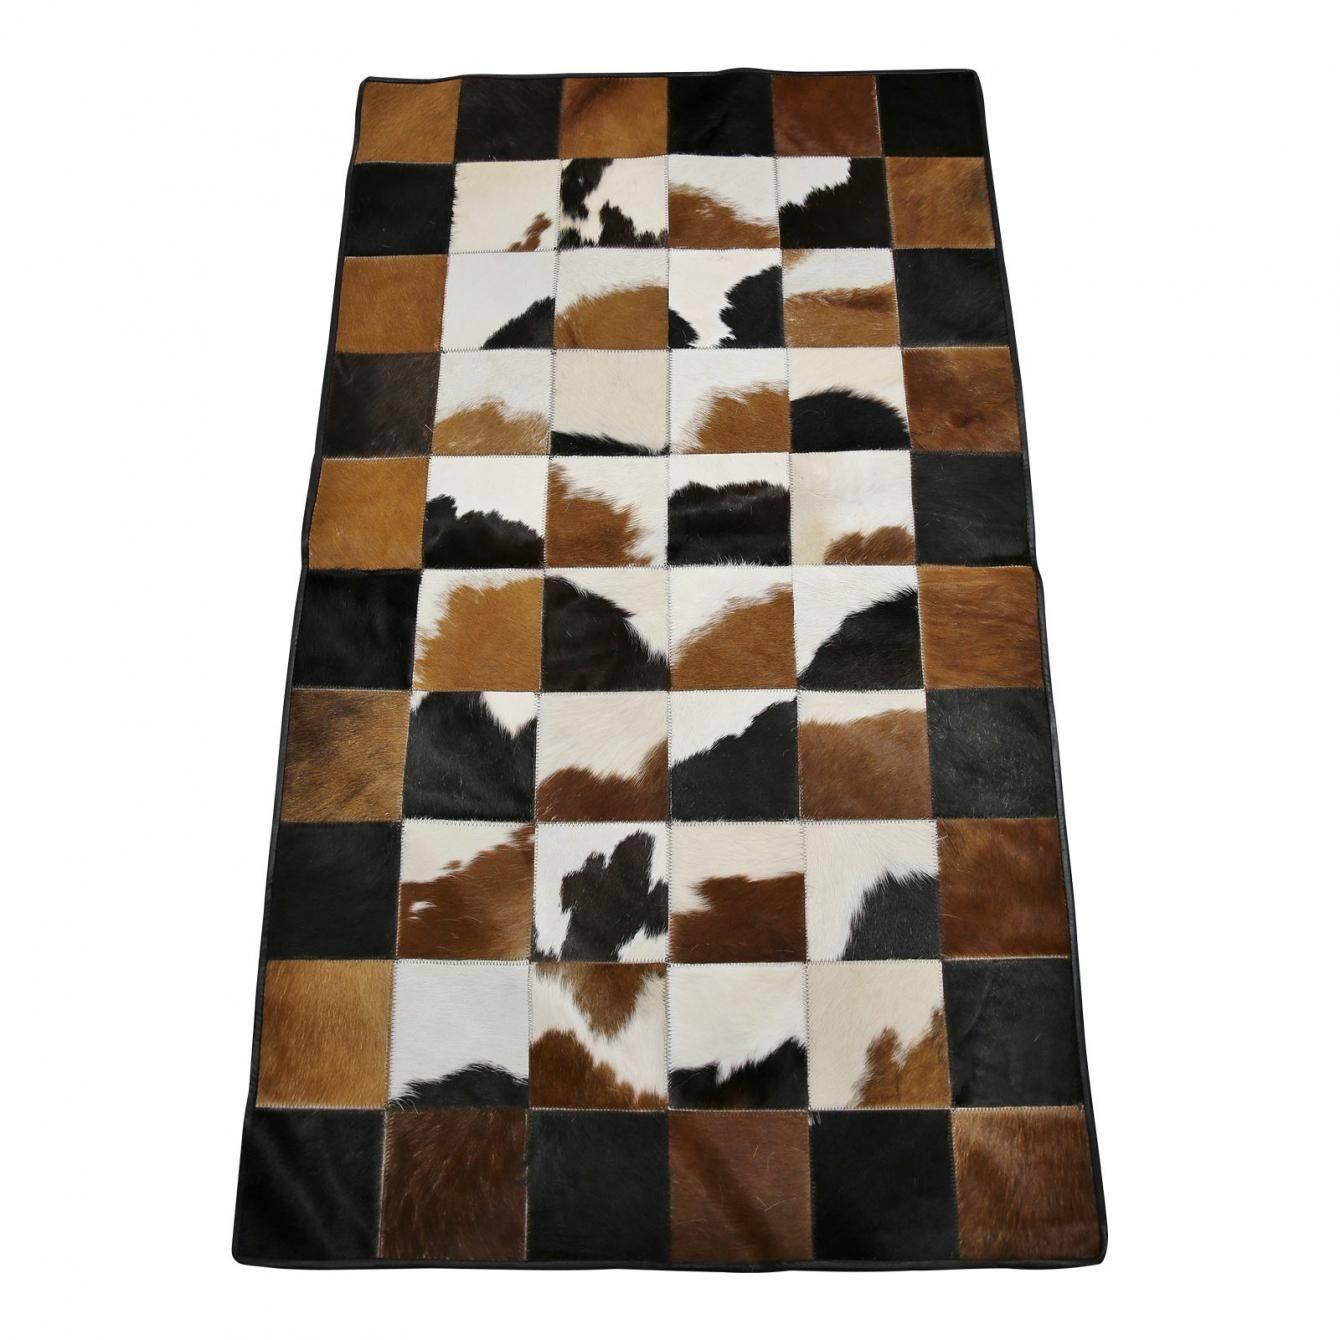 kuhfell teppich 189 der fellmann naturfellprodukte. Black Bedroom Furniture Sets. Home Design Ideas